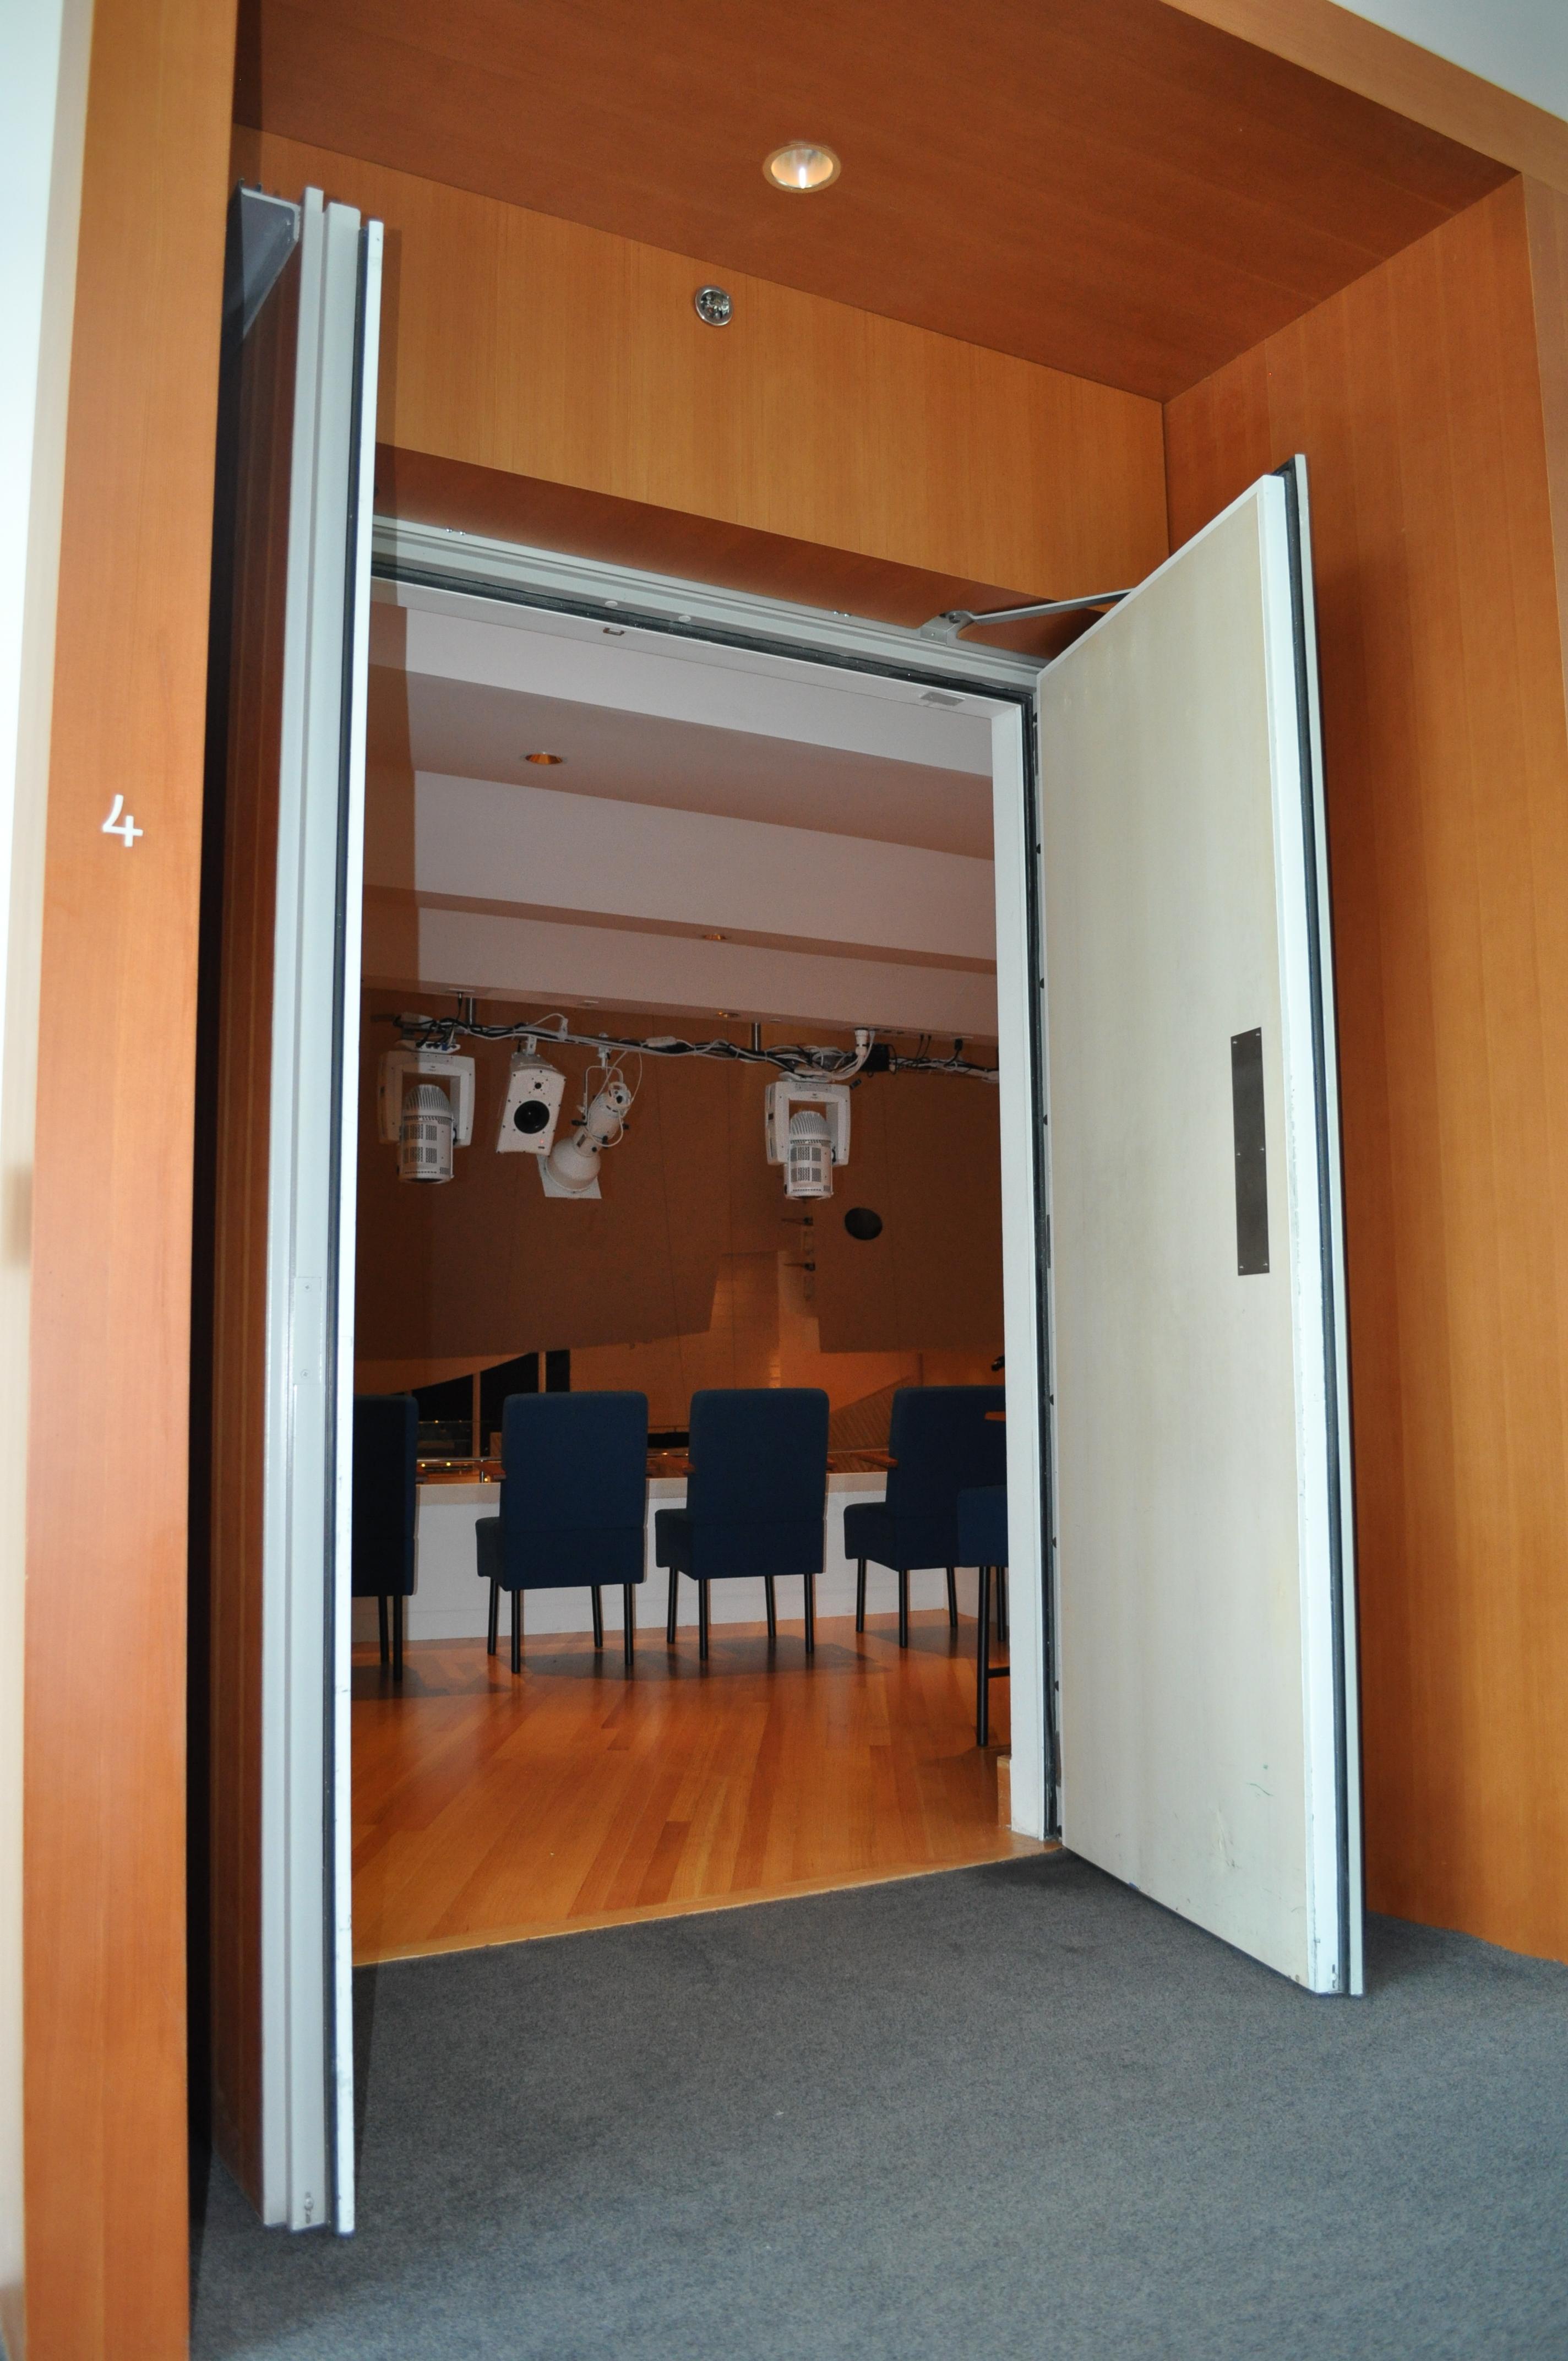 New World Symphony Hold Open Fire Doors Dash Door